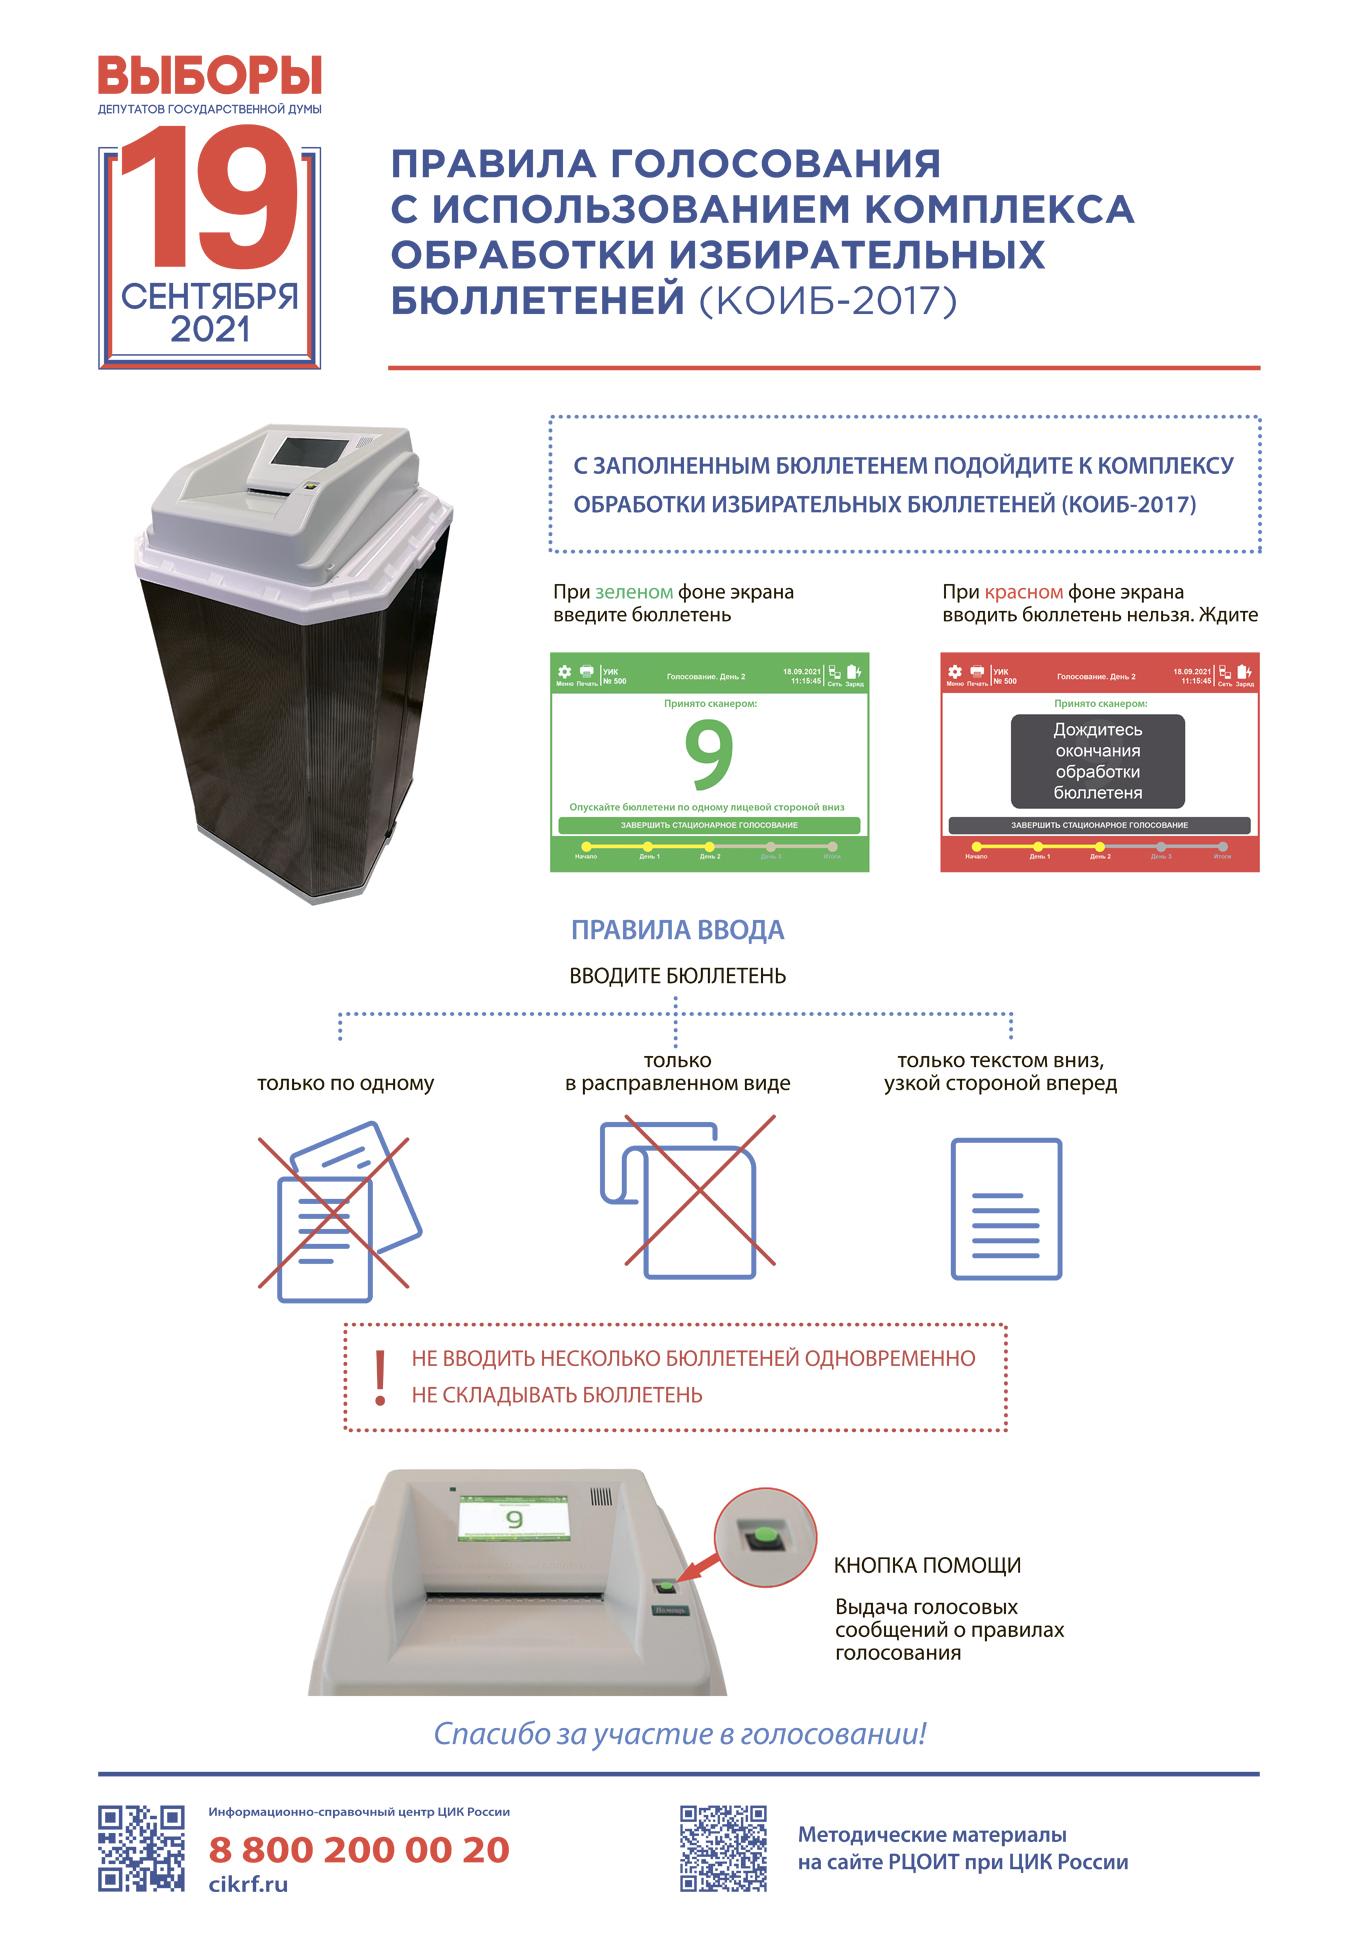 Правила голосования с КОИБ-2017 (КРОК)